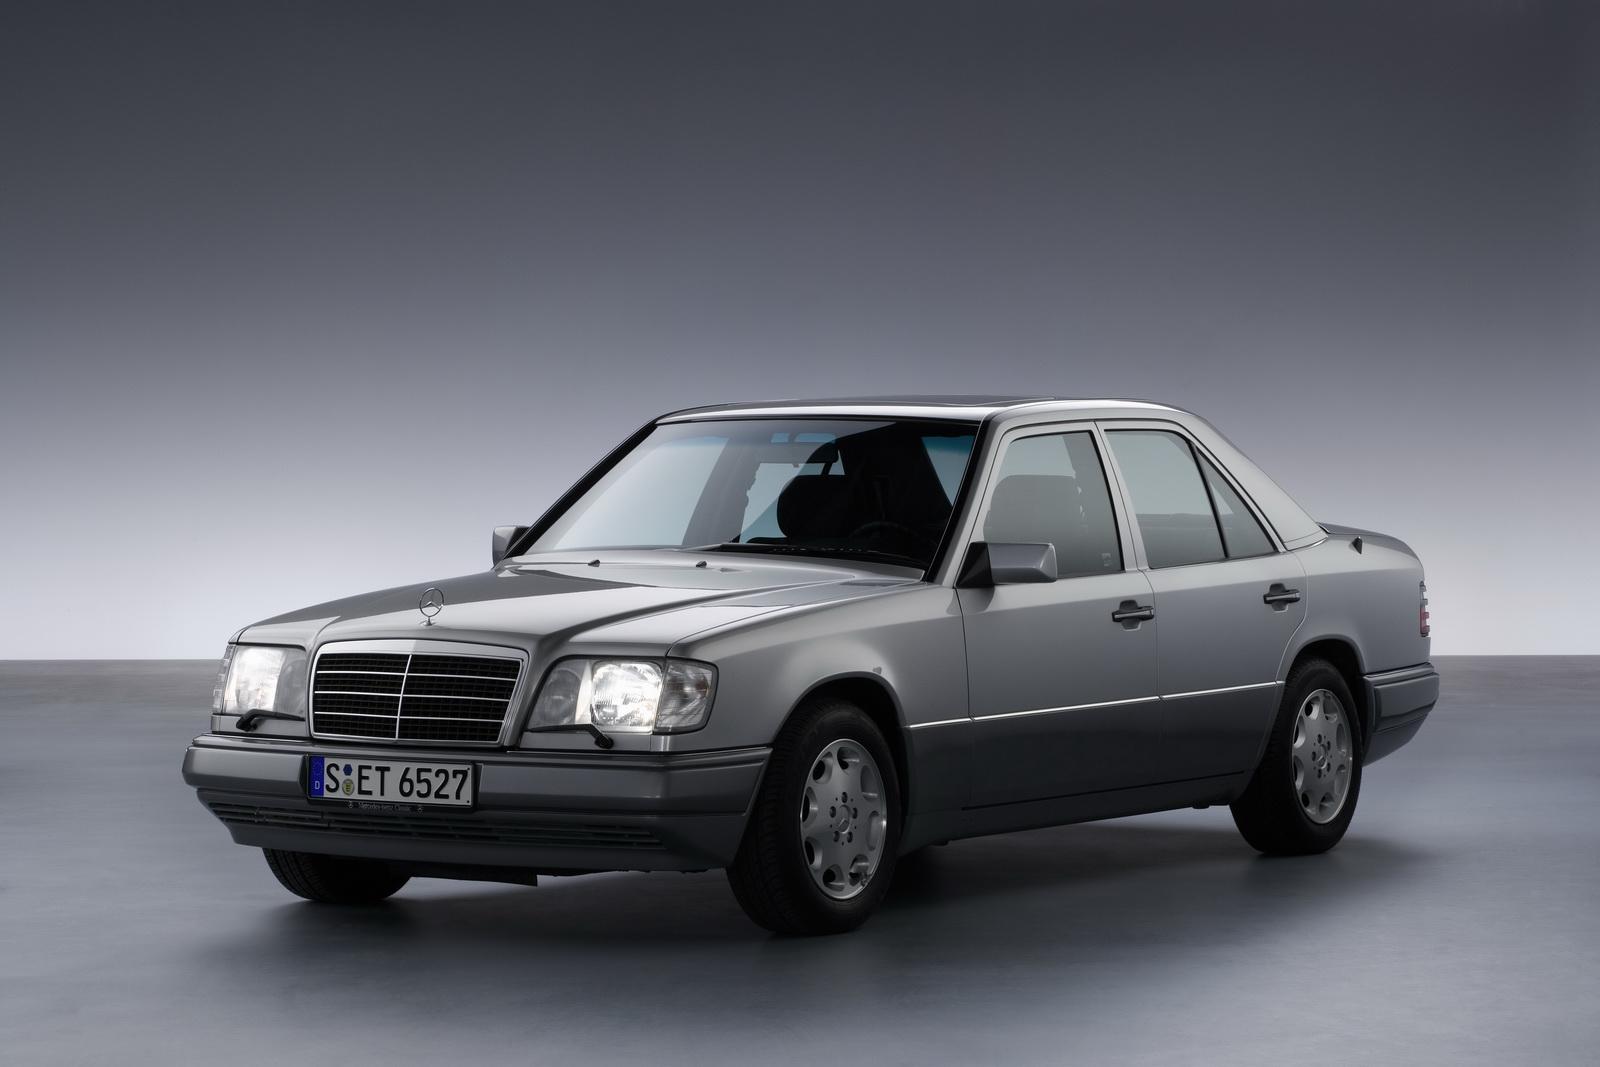 MERCEDES E-Class W124